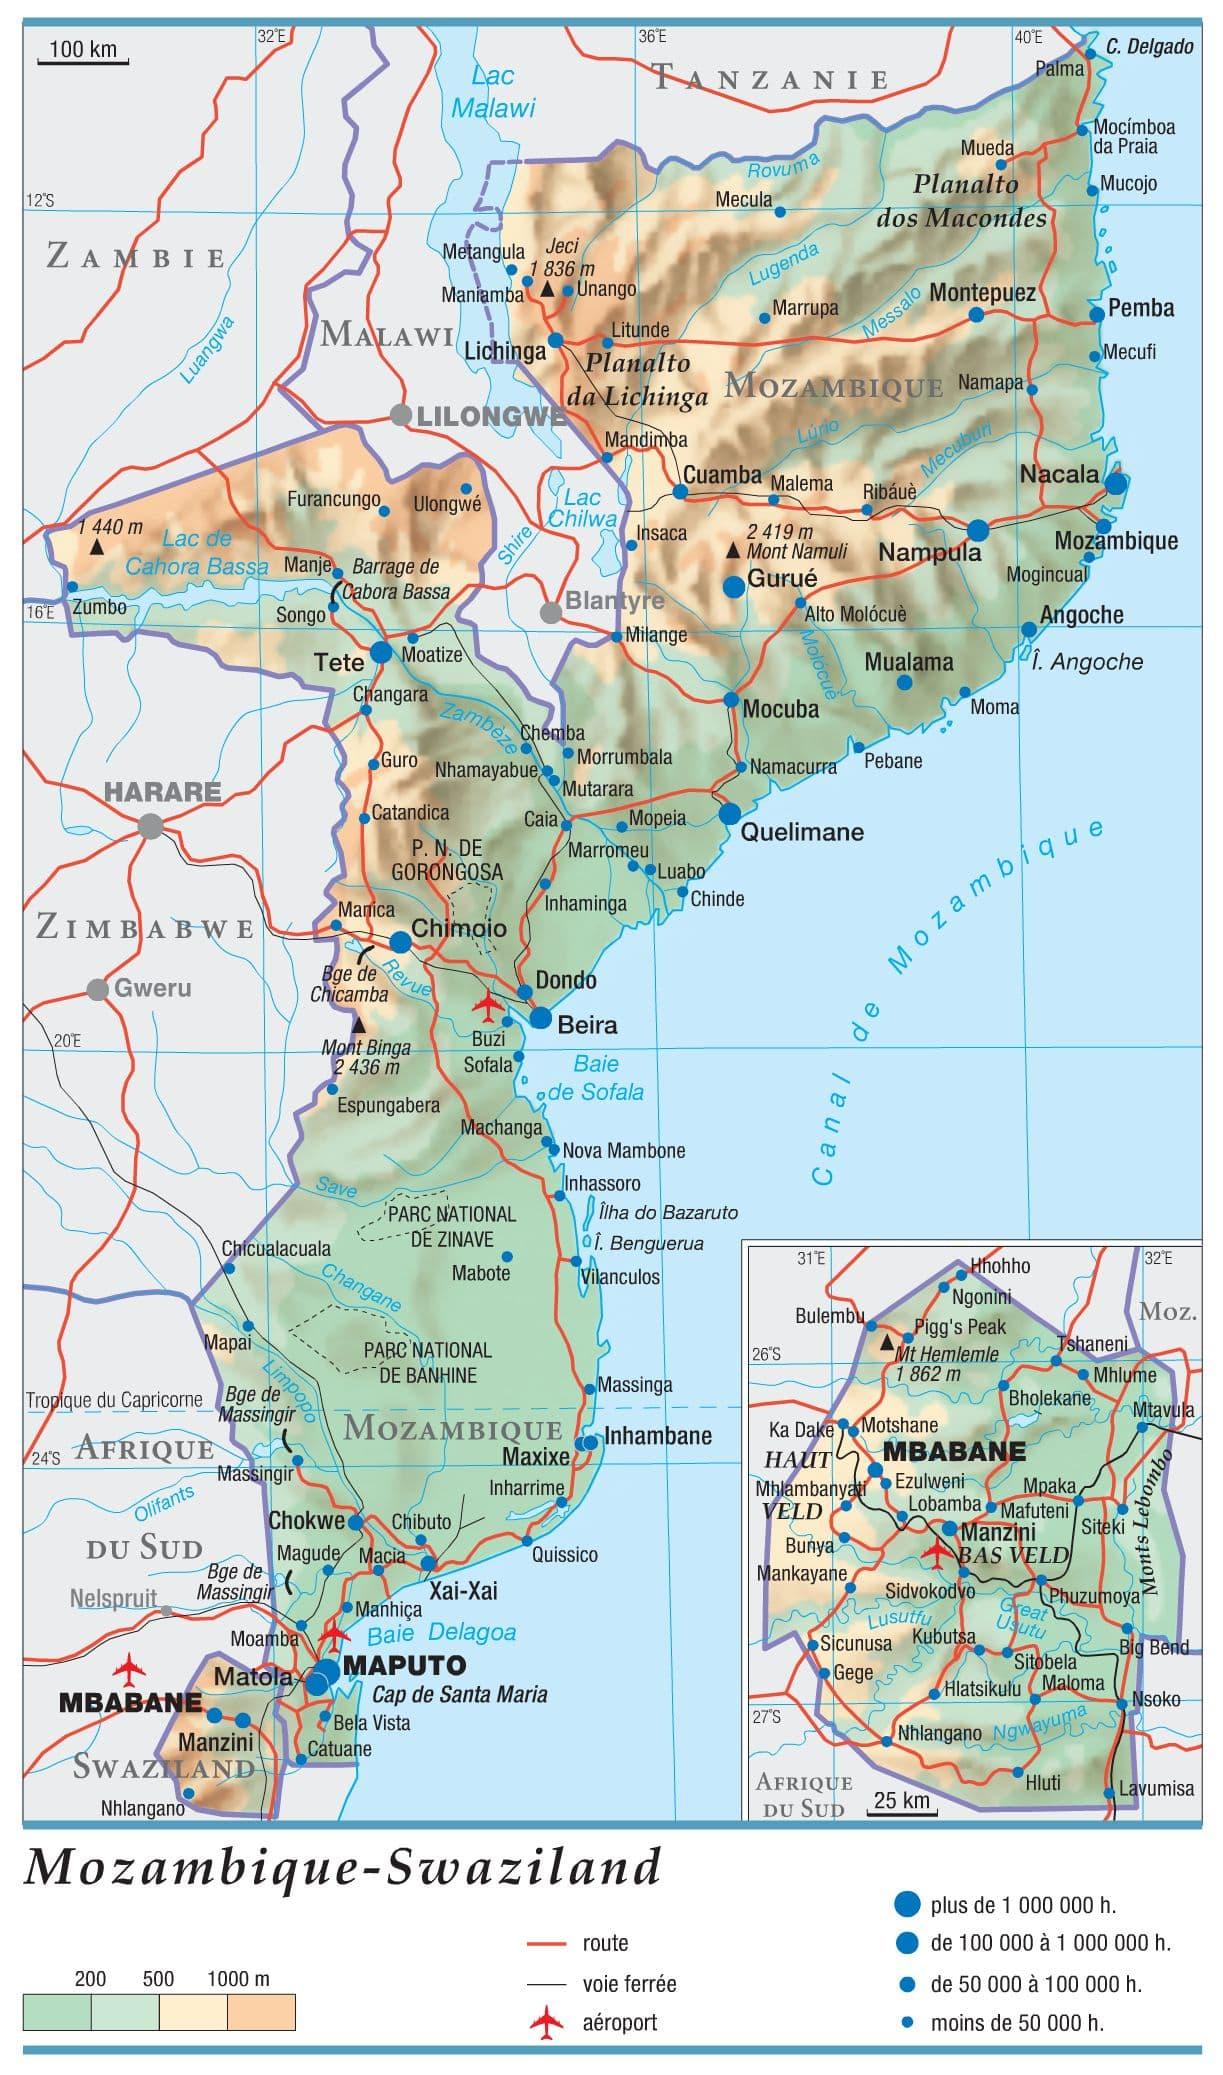 Encyclopédie Larousse en ligne   Mozambique   Swaziland